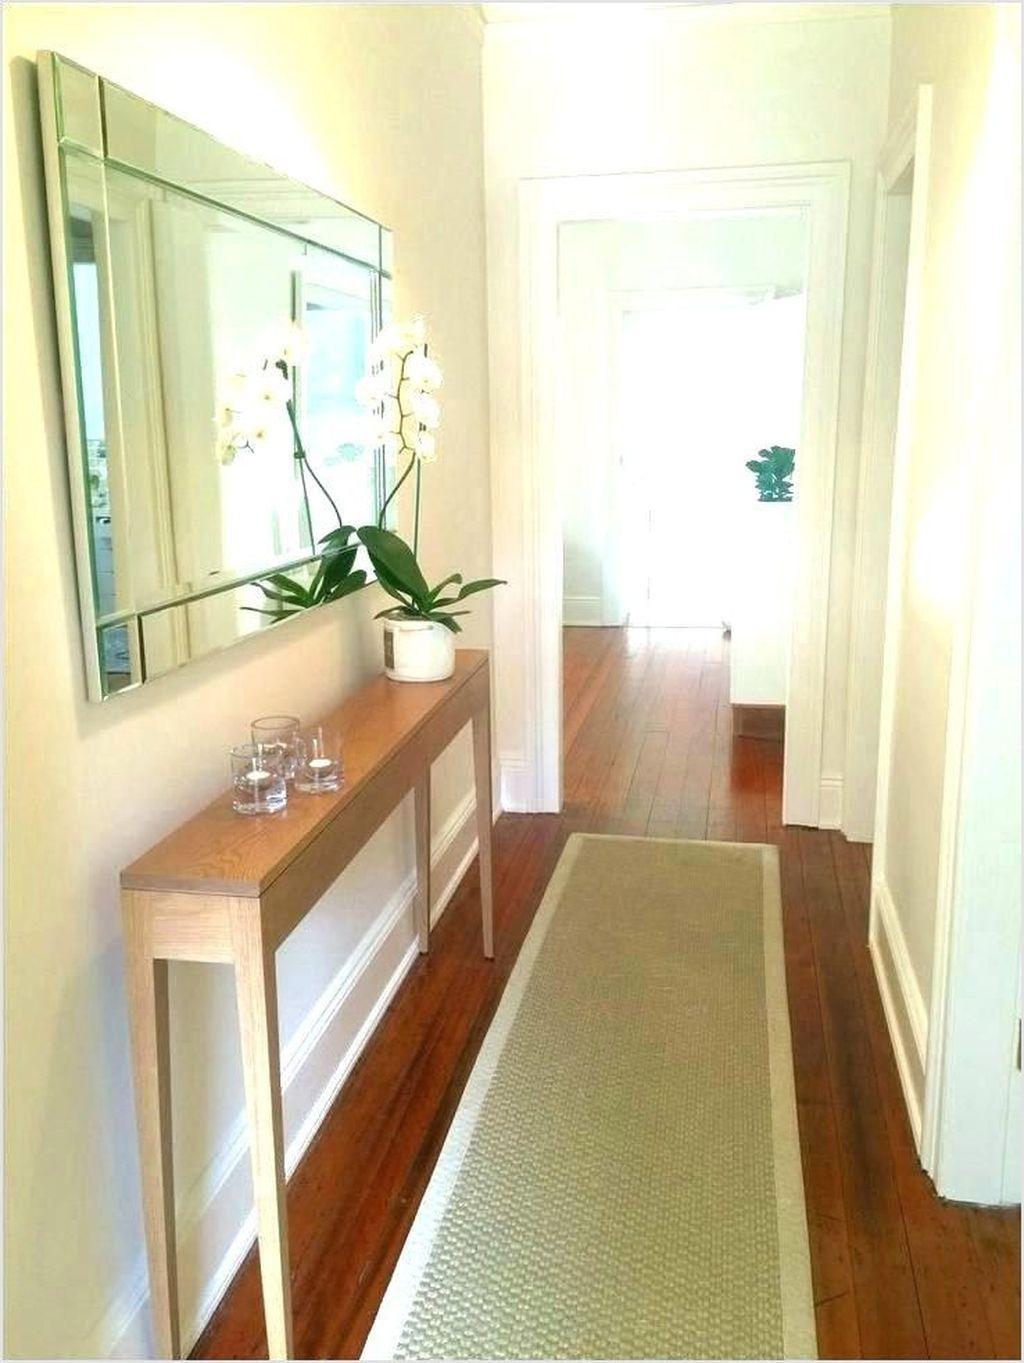 42 Stunning Modern Entryway Design Ideas Small Entryways Foyer Decorating Narrow Hallway Decorating